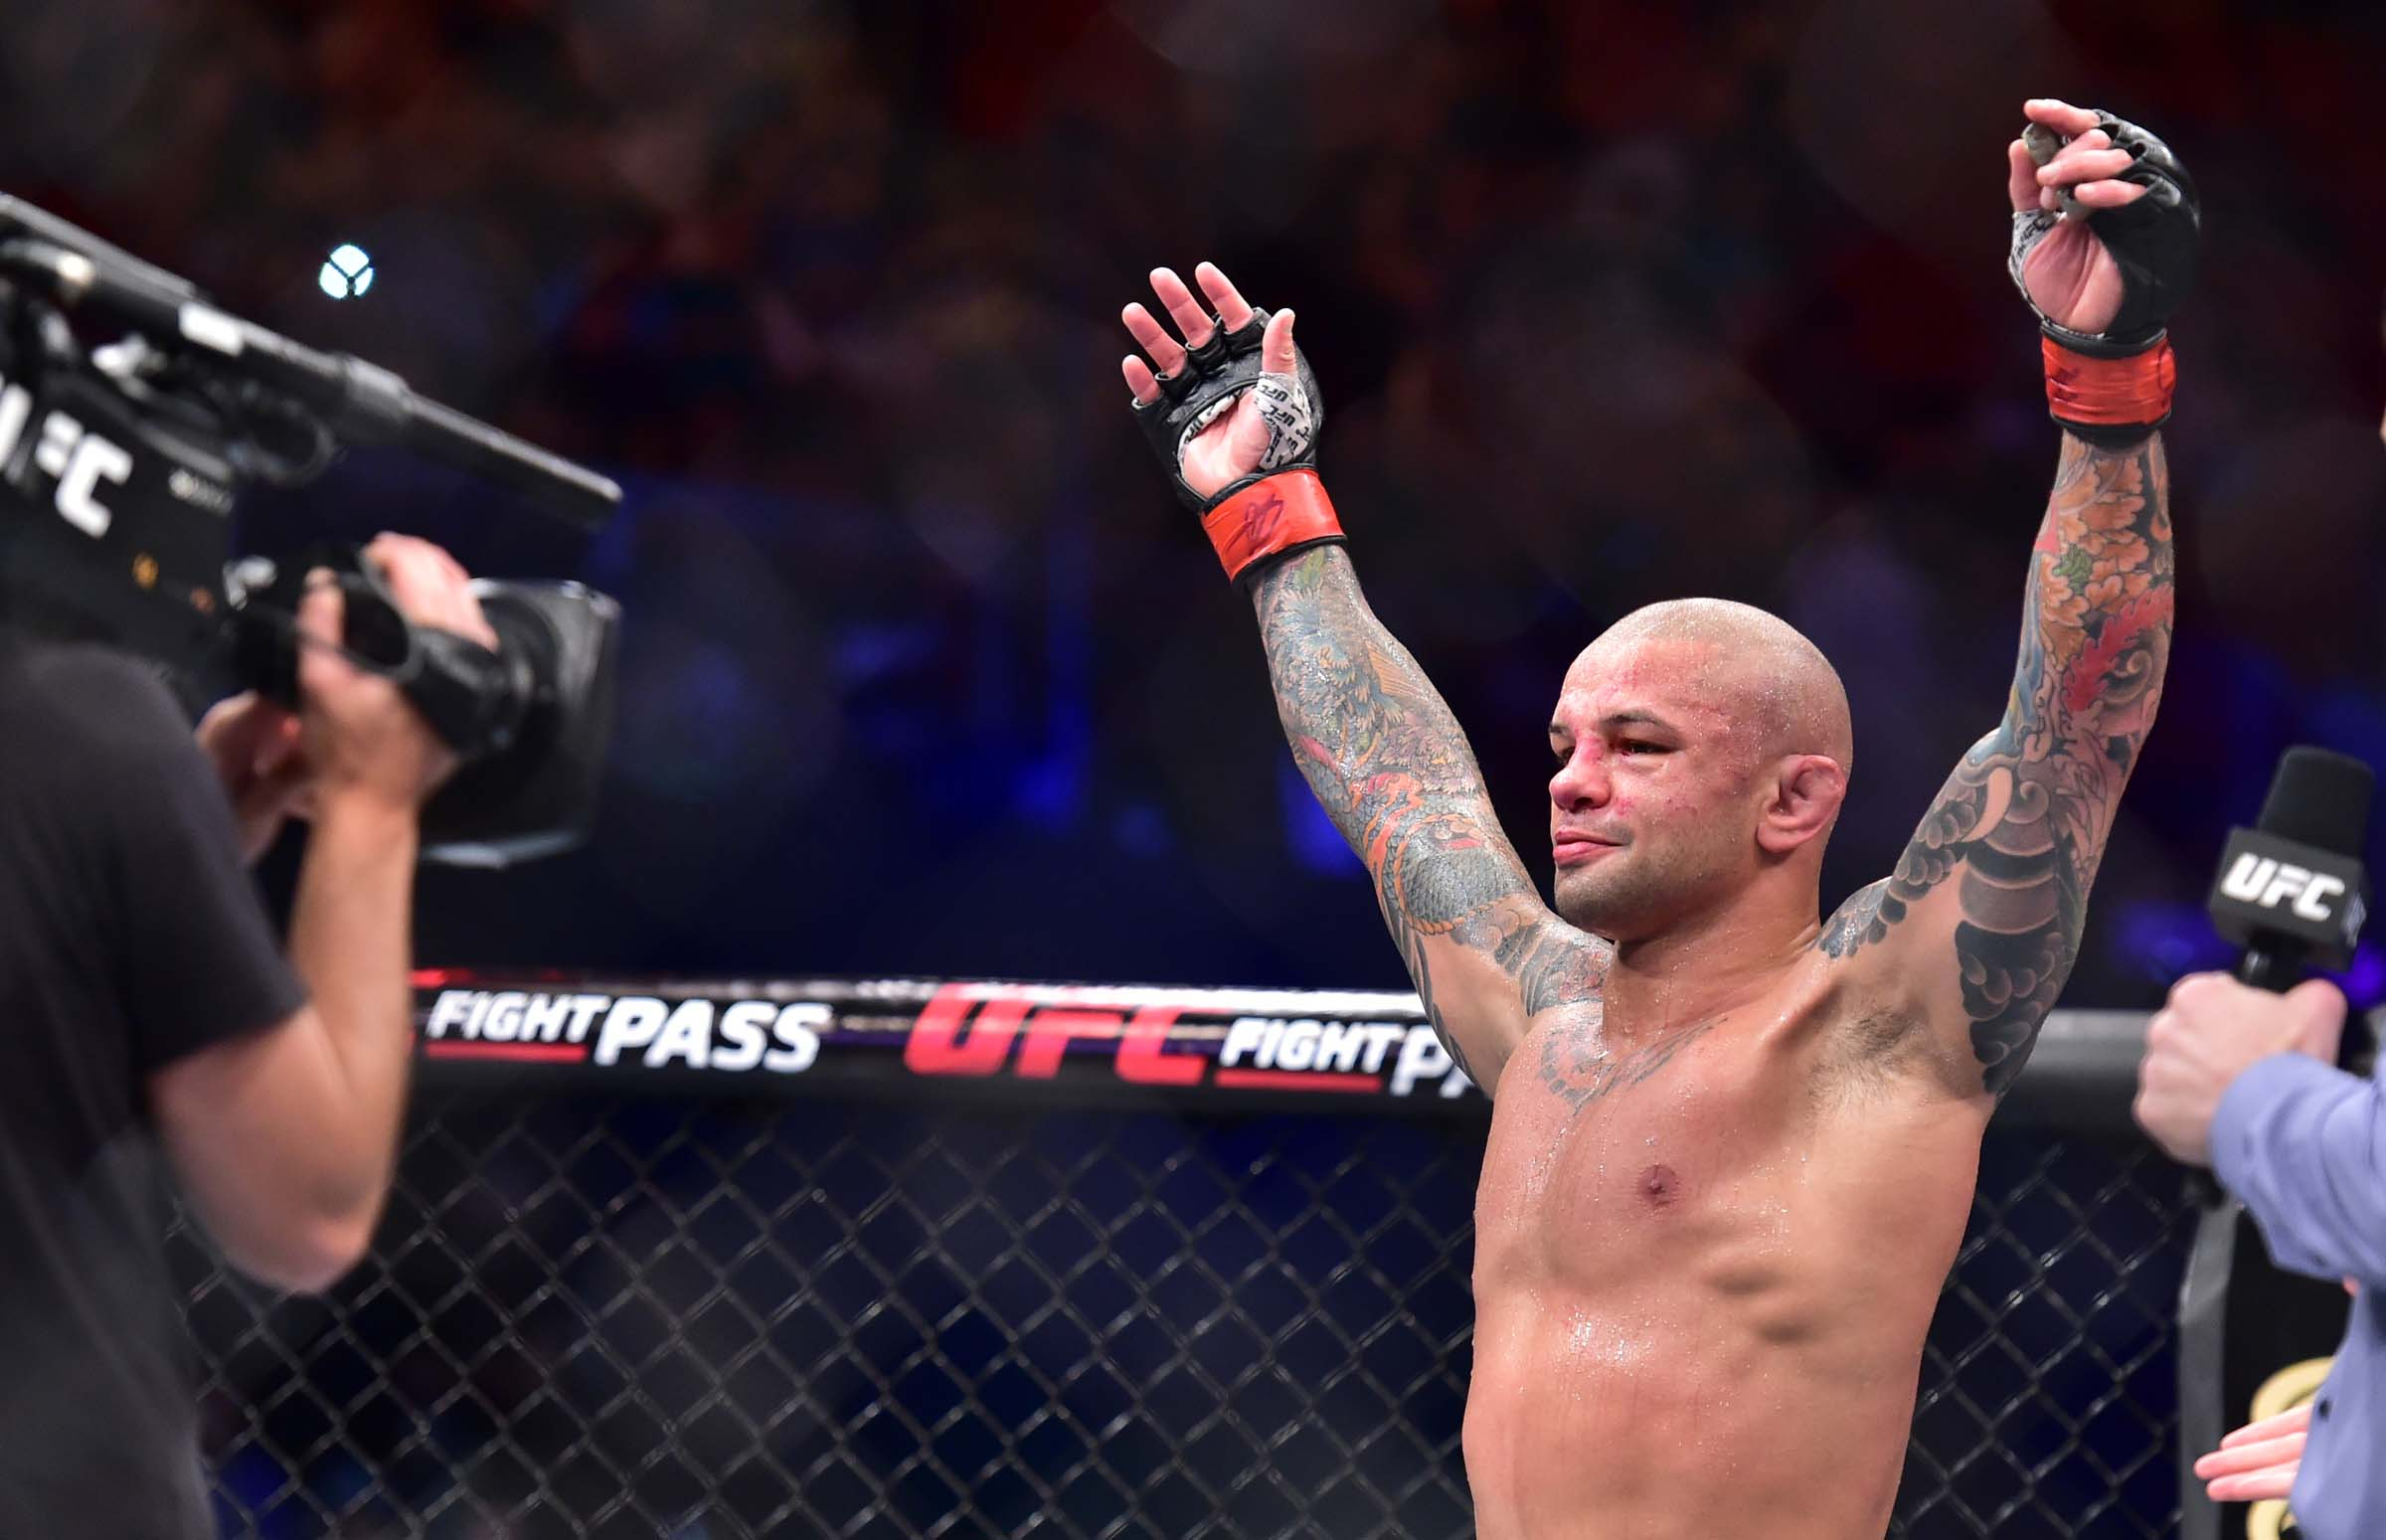 MMA: UFC Fight Night-Fortaleza-Alves vs Griffin